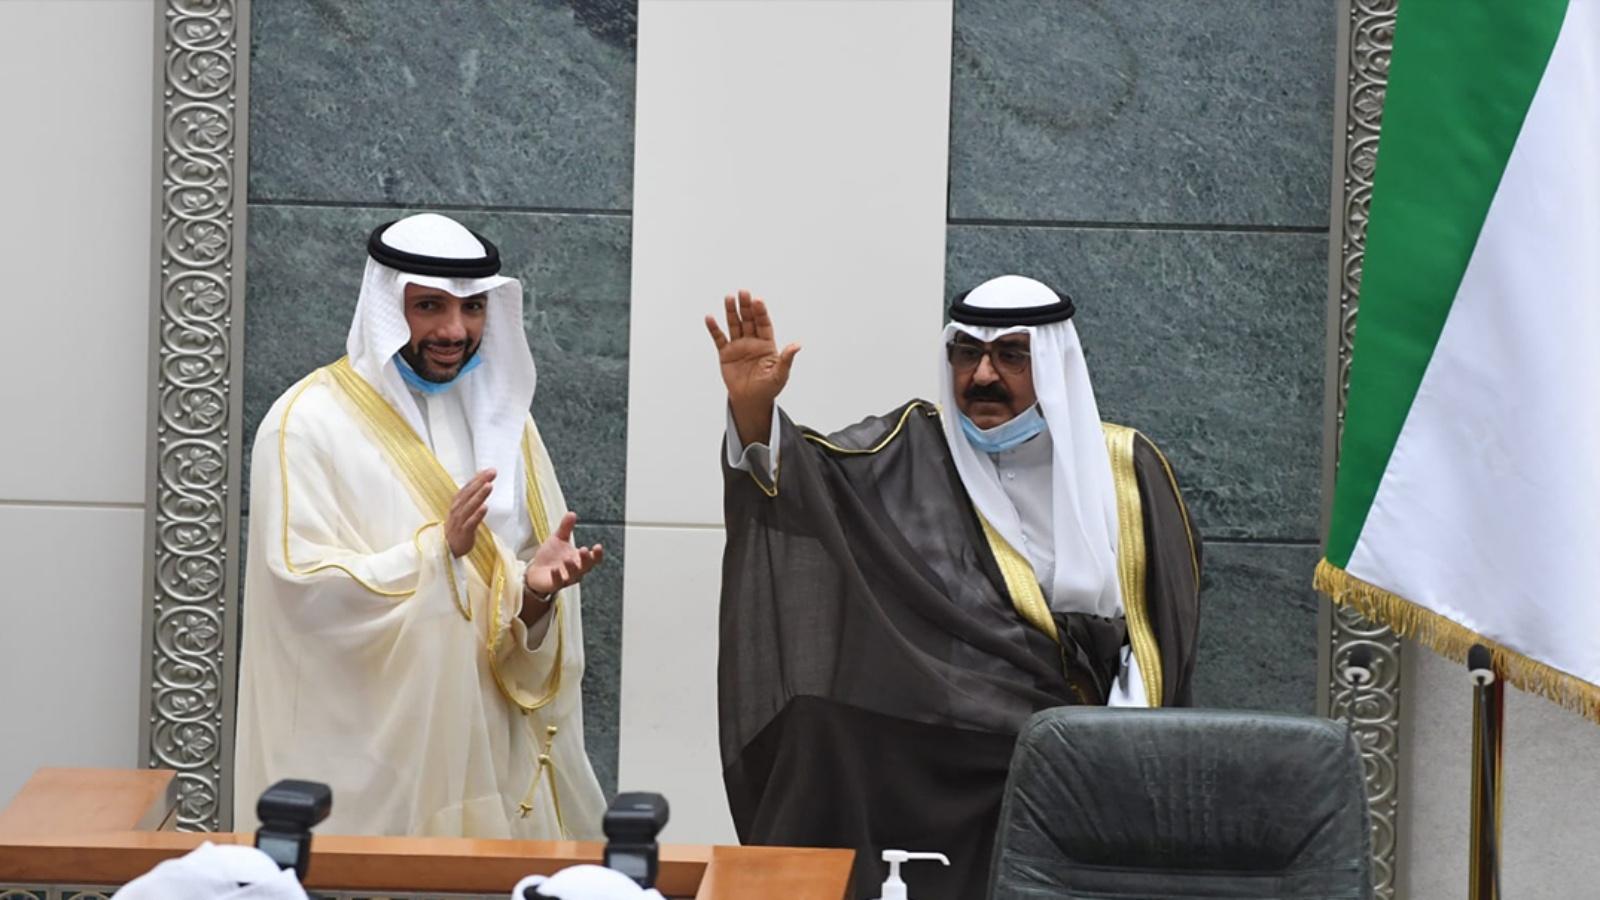 السعودية نيوز |  الشيخ مشعل الأحمد الصباح يؤدي اليمين الدستورية